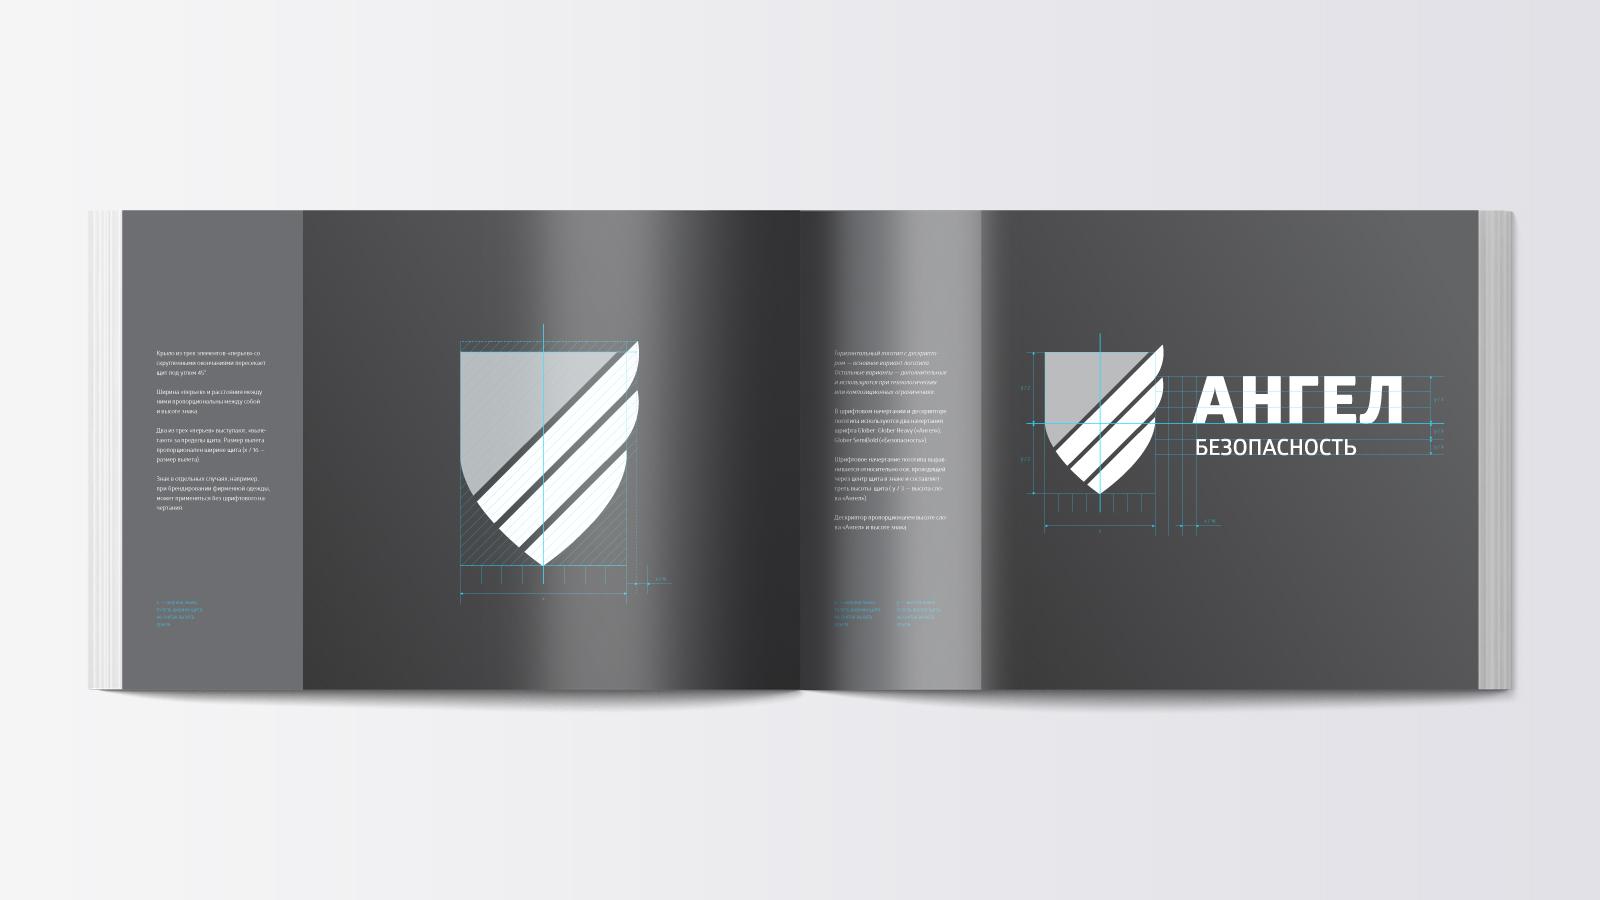 Разработка брендбука частного охранного предприятия, группа компаний «Ангел». Брендбук призван отразить ключевые аспекты позиционирования бренда, основные константы бренда, логотип, фирменный стиль, а также принципы их использования